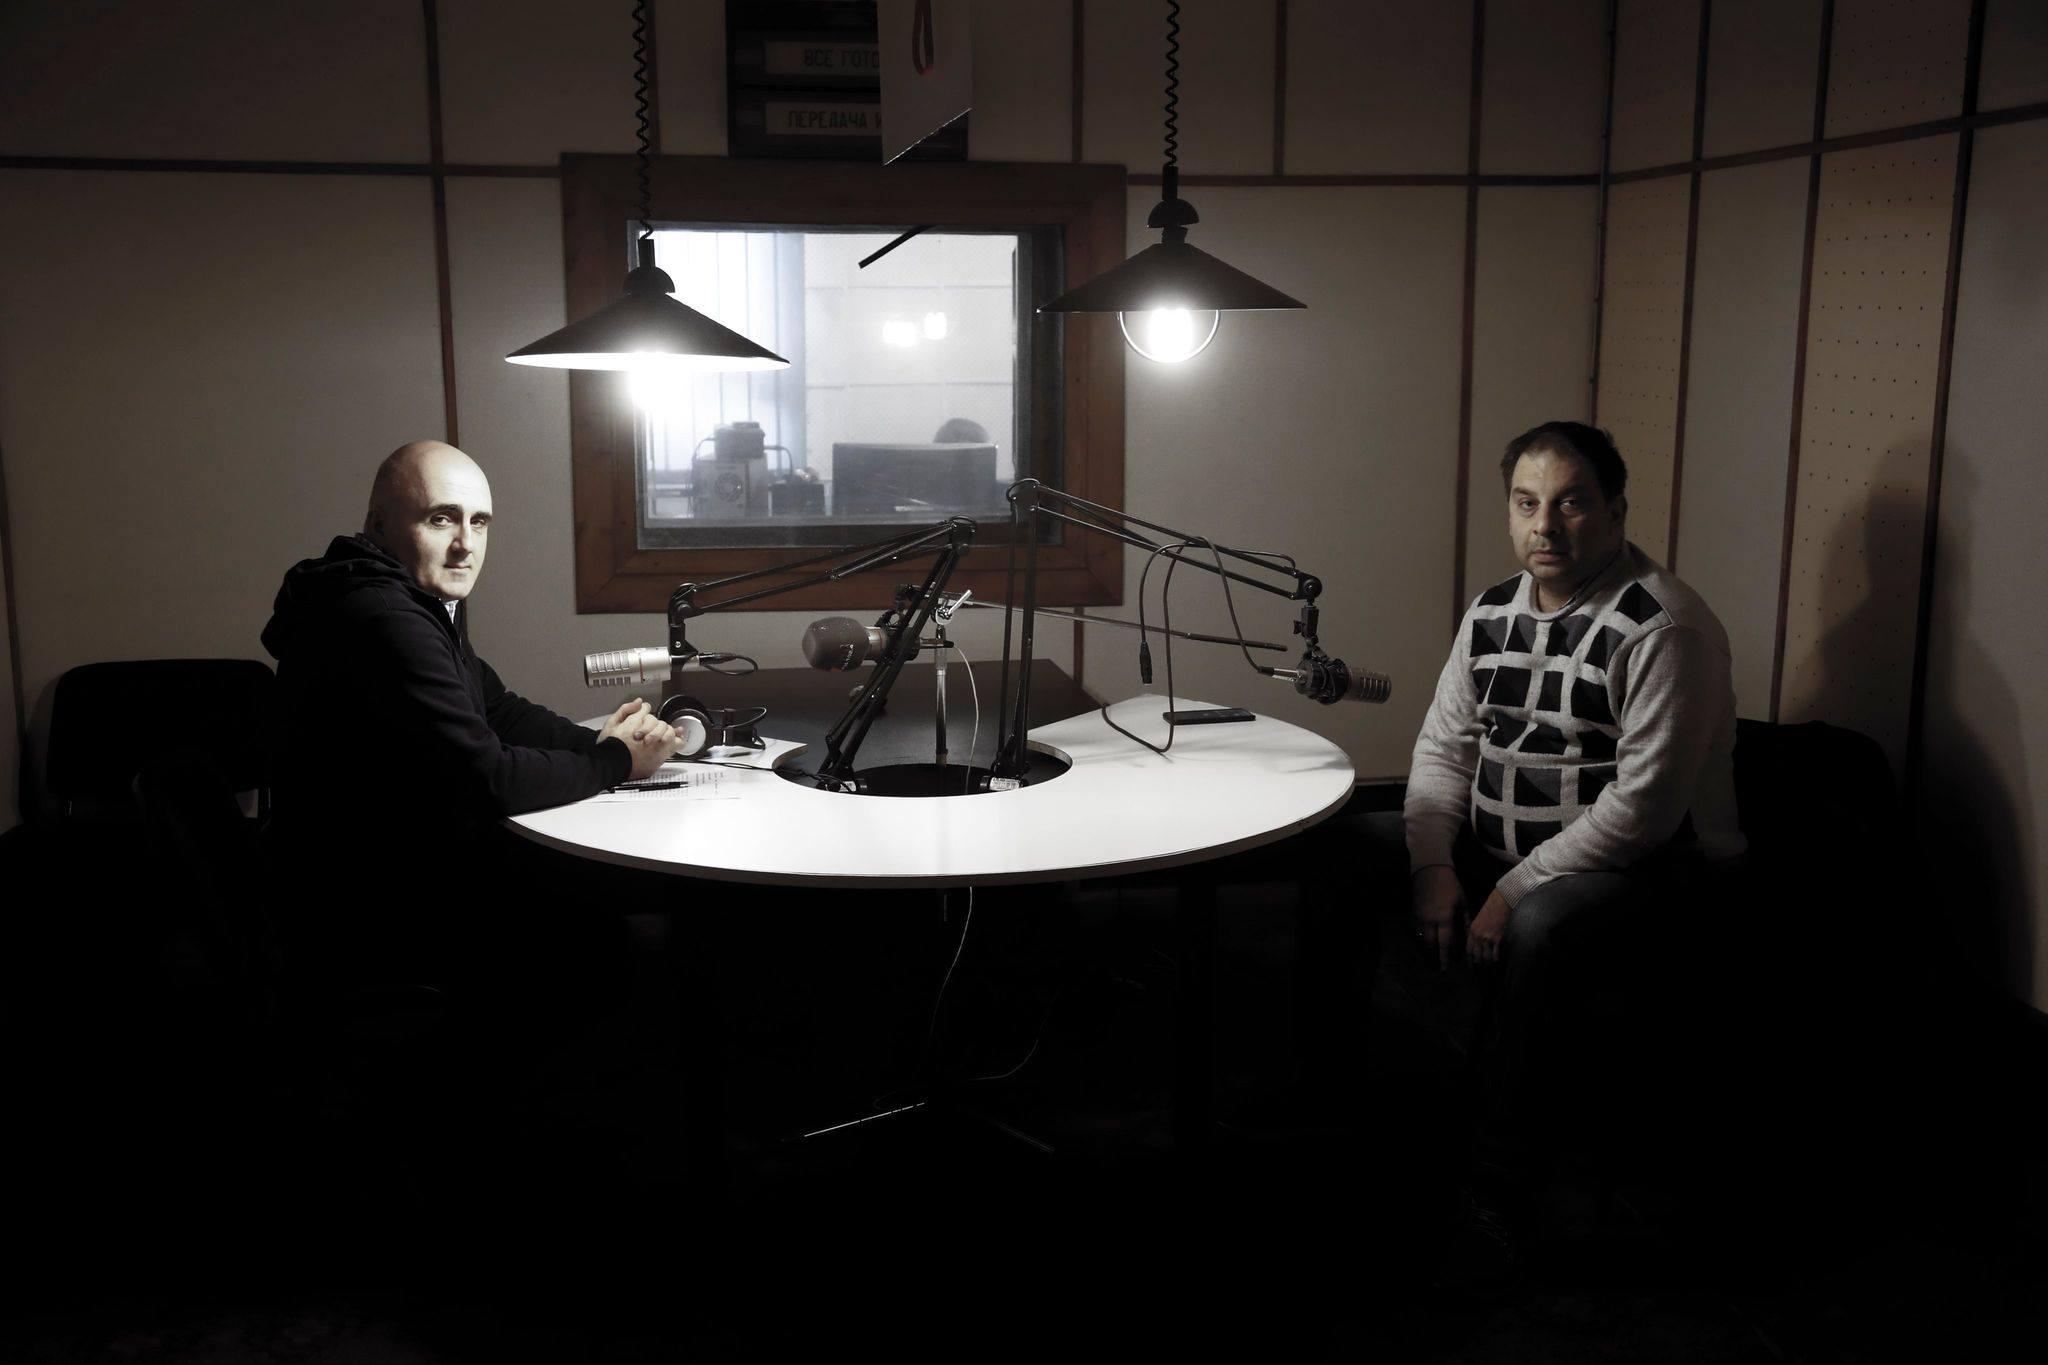 #რადიოკალენდარი - 180 წელი იაკობ გოგებაშვილის დაბადებიდან